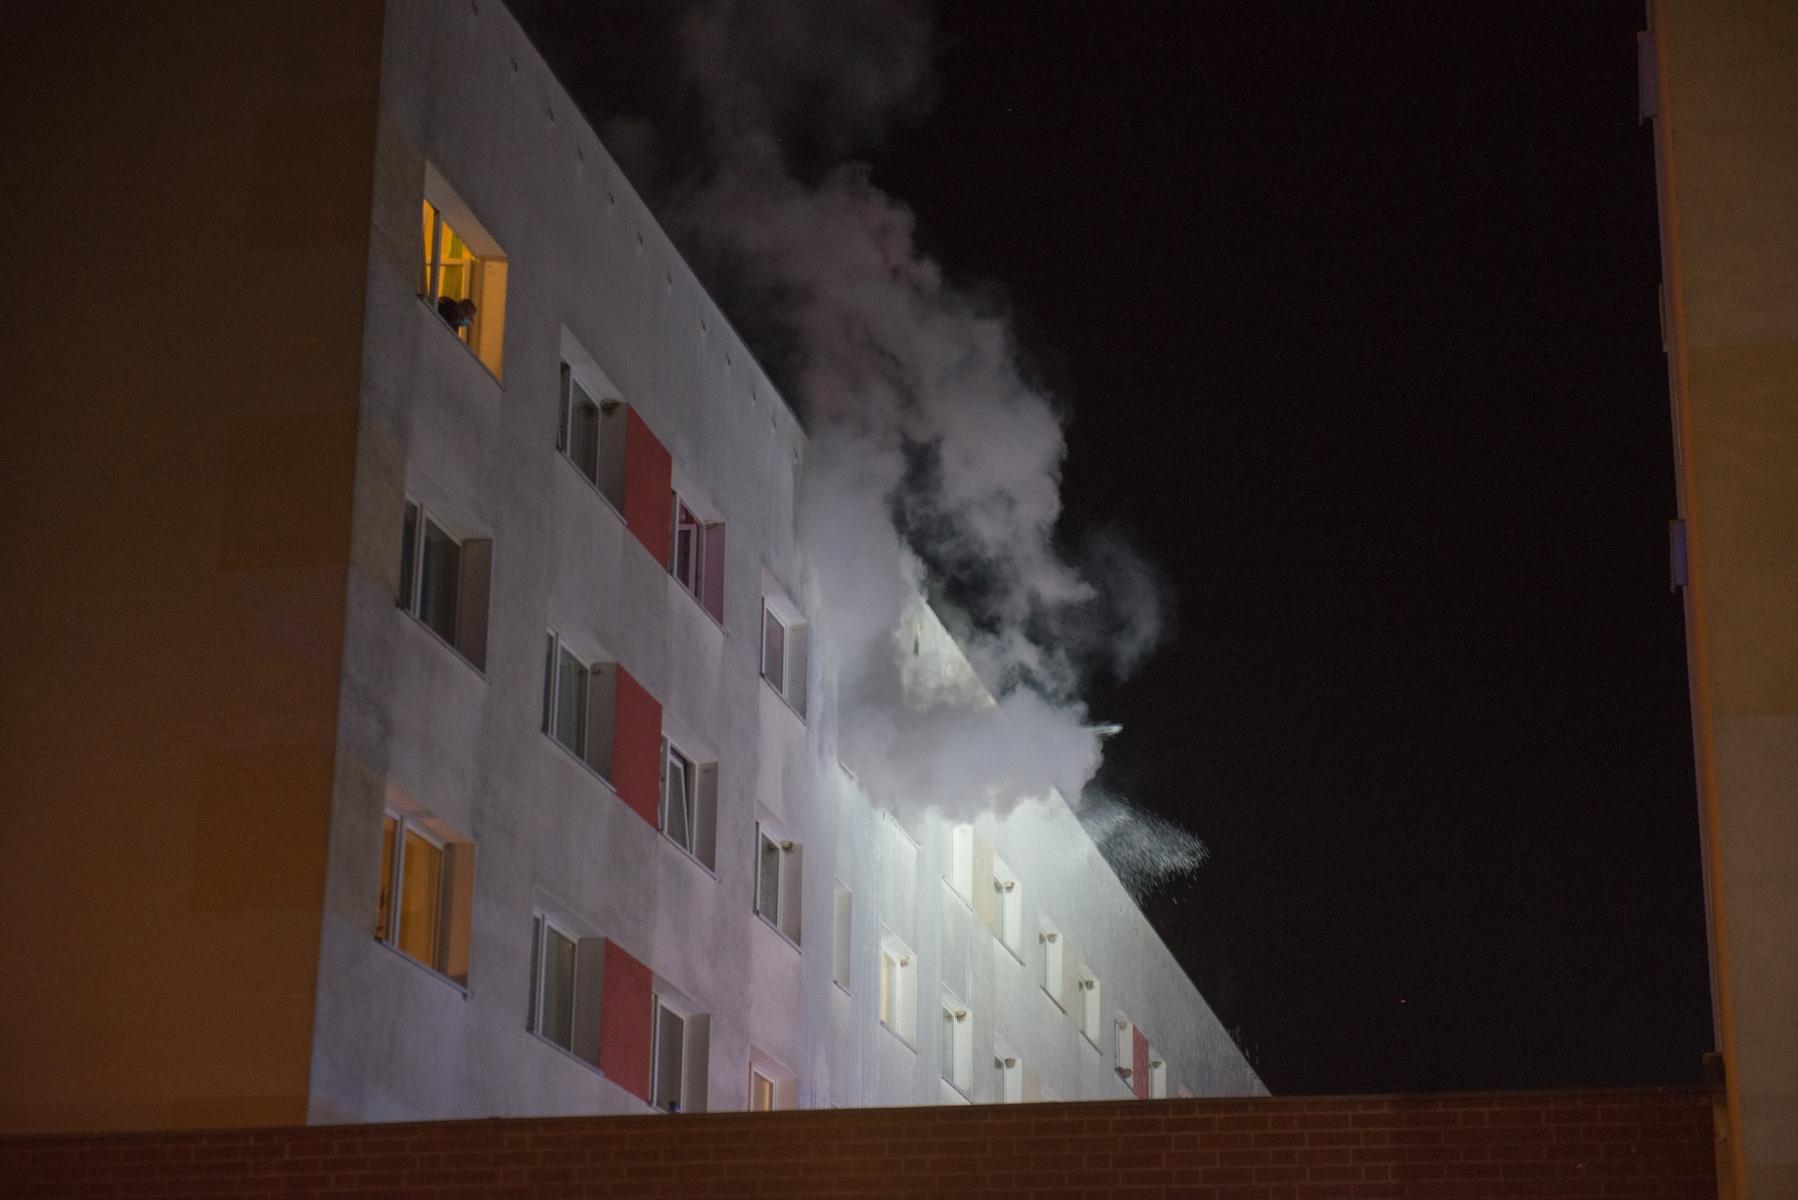 Rauch dringt aus der Wohnung.|Foto: SLR